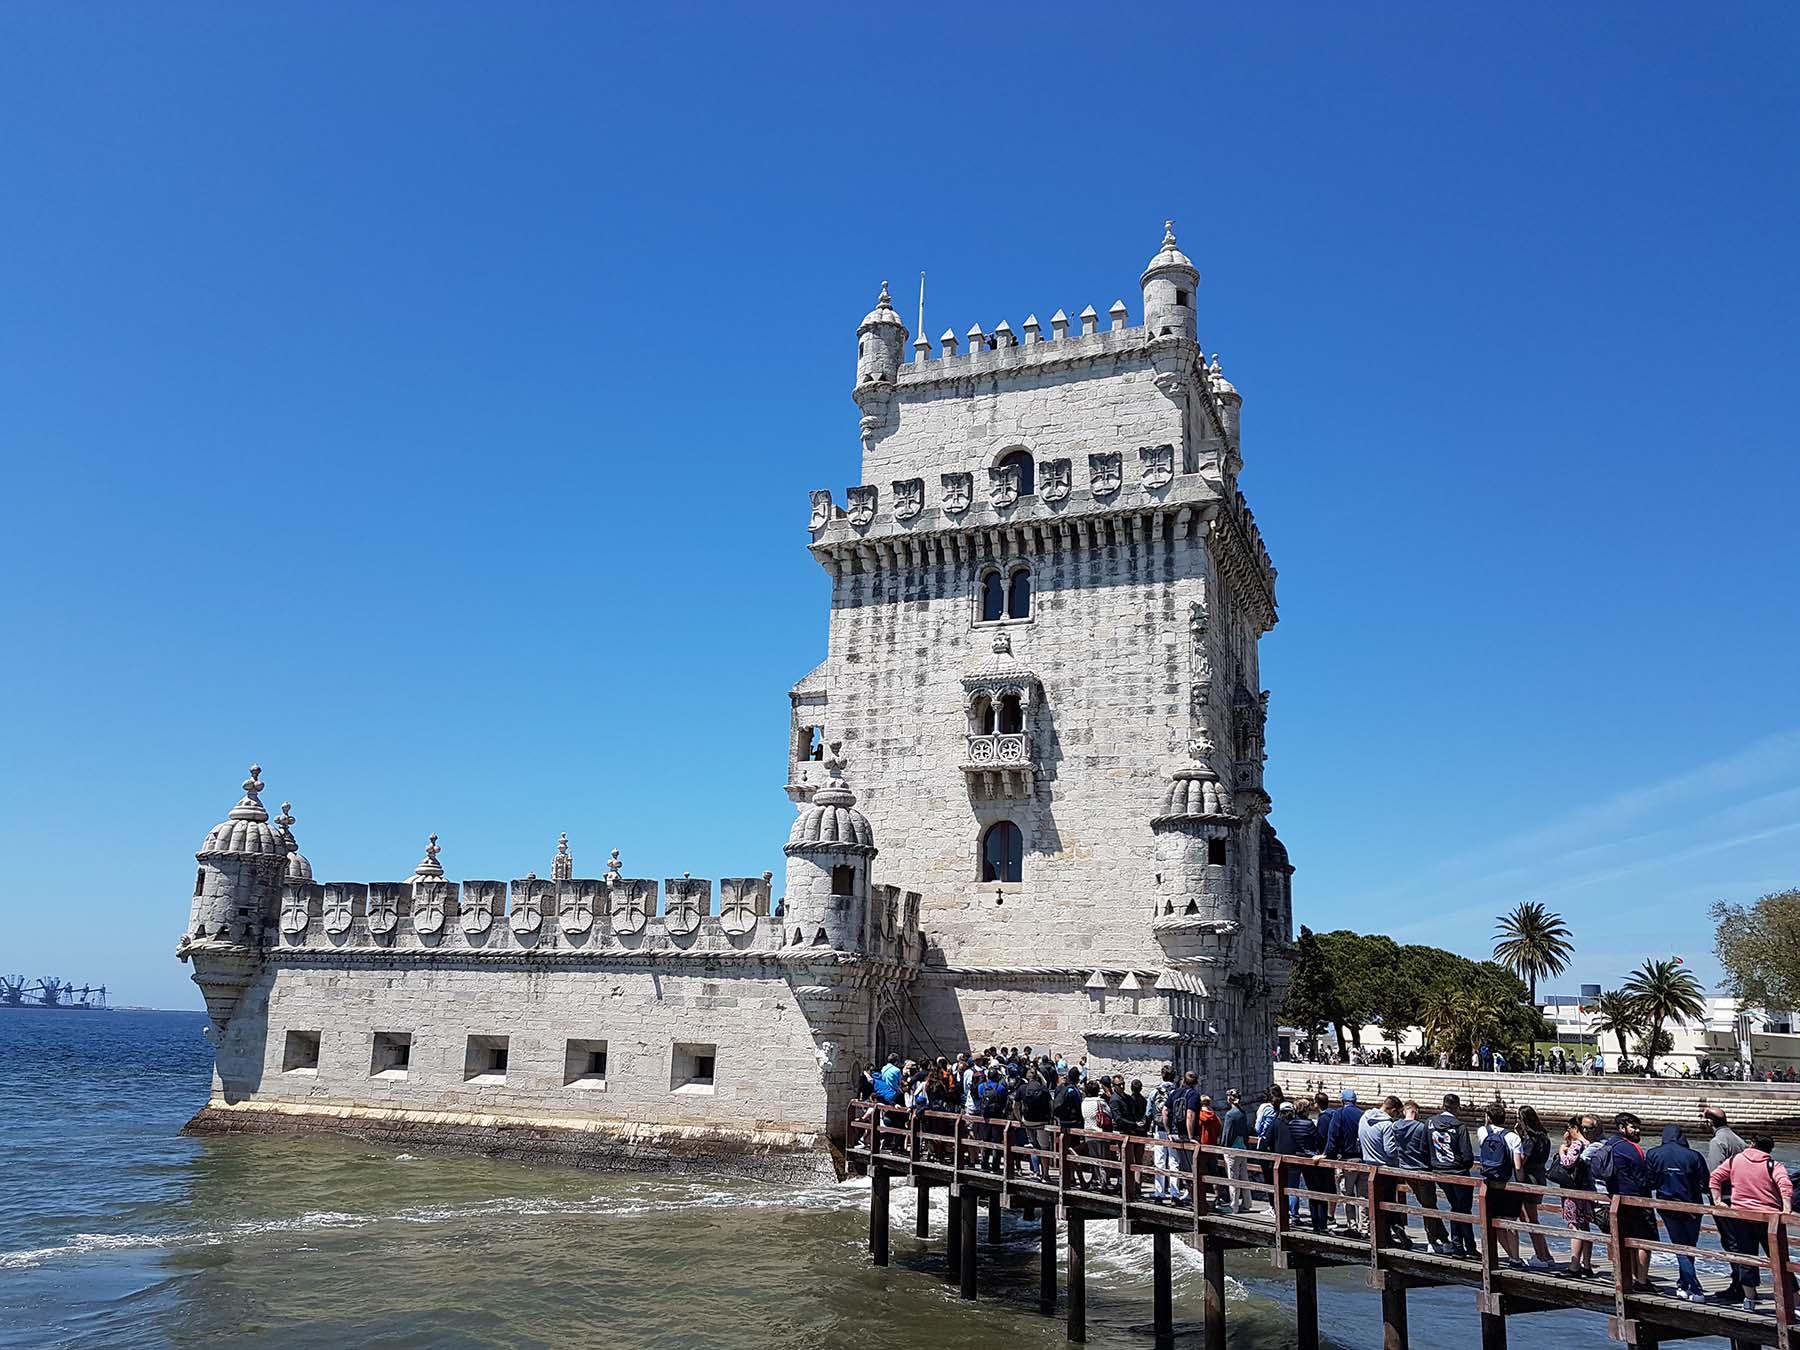 Dicas de passeios a pé e onde comer em Lisboa